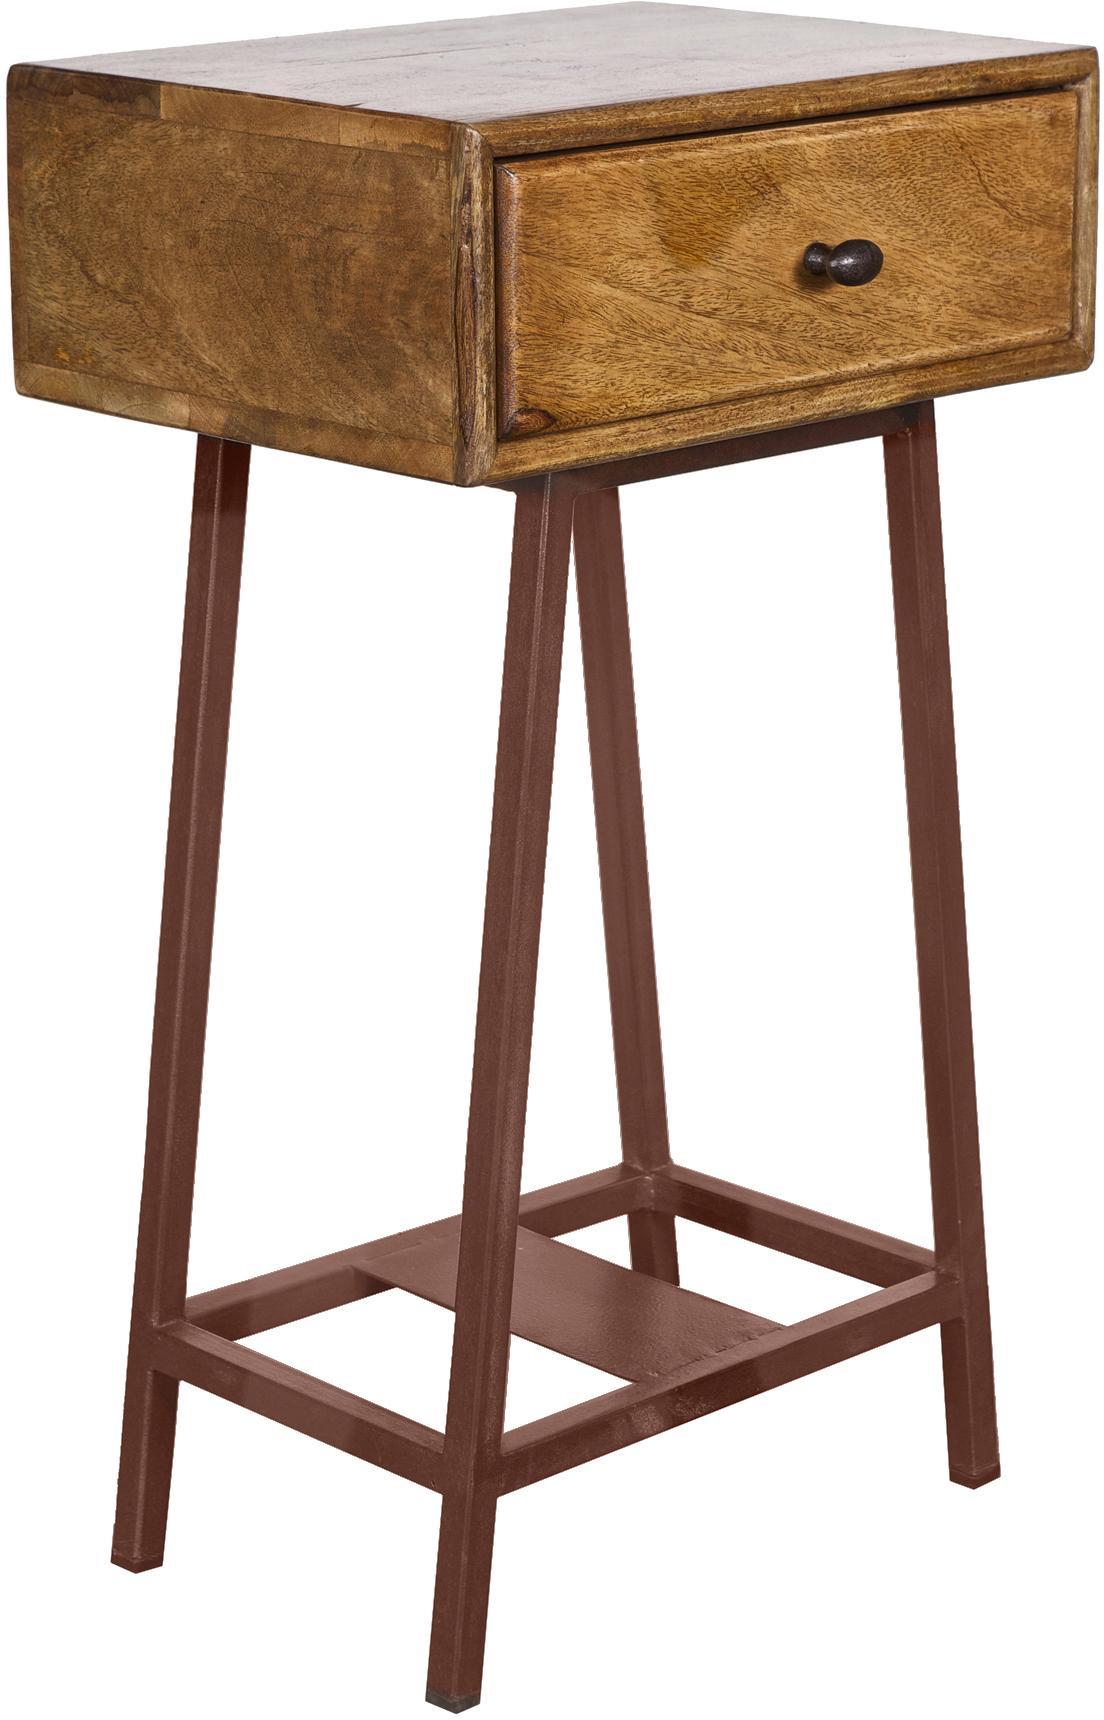 Beistelltisch Skybox mit Schublade, Kiefernholz, Rostbraun, 40 x 70 cm